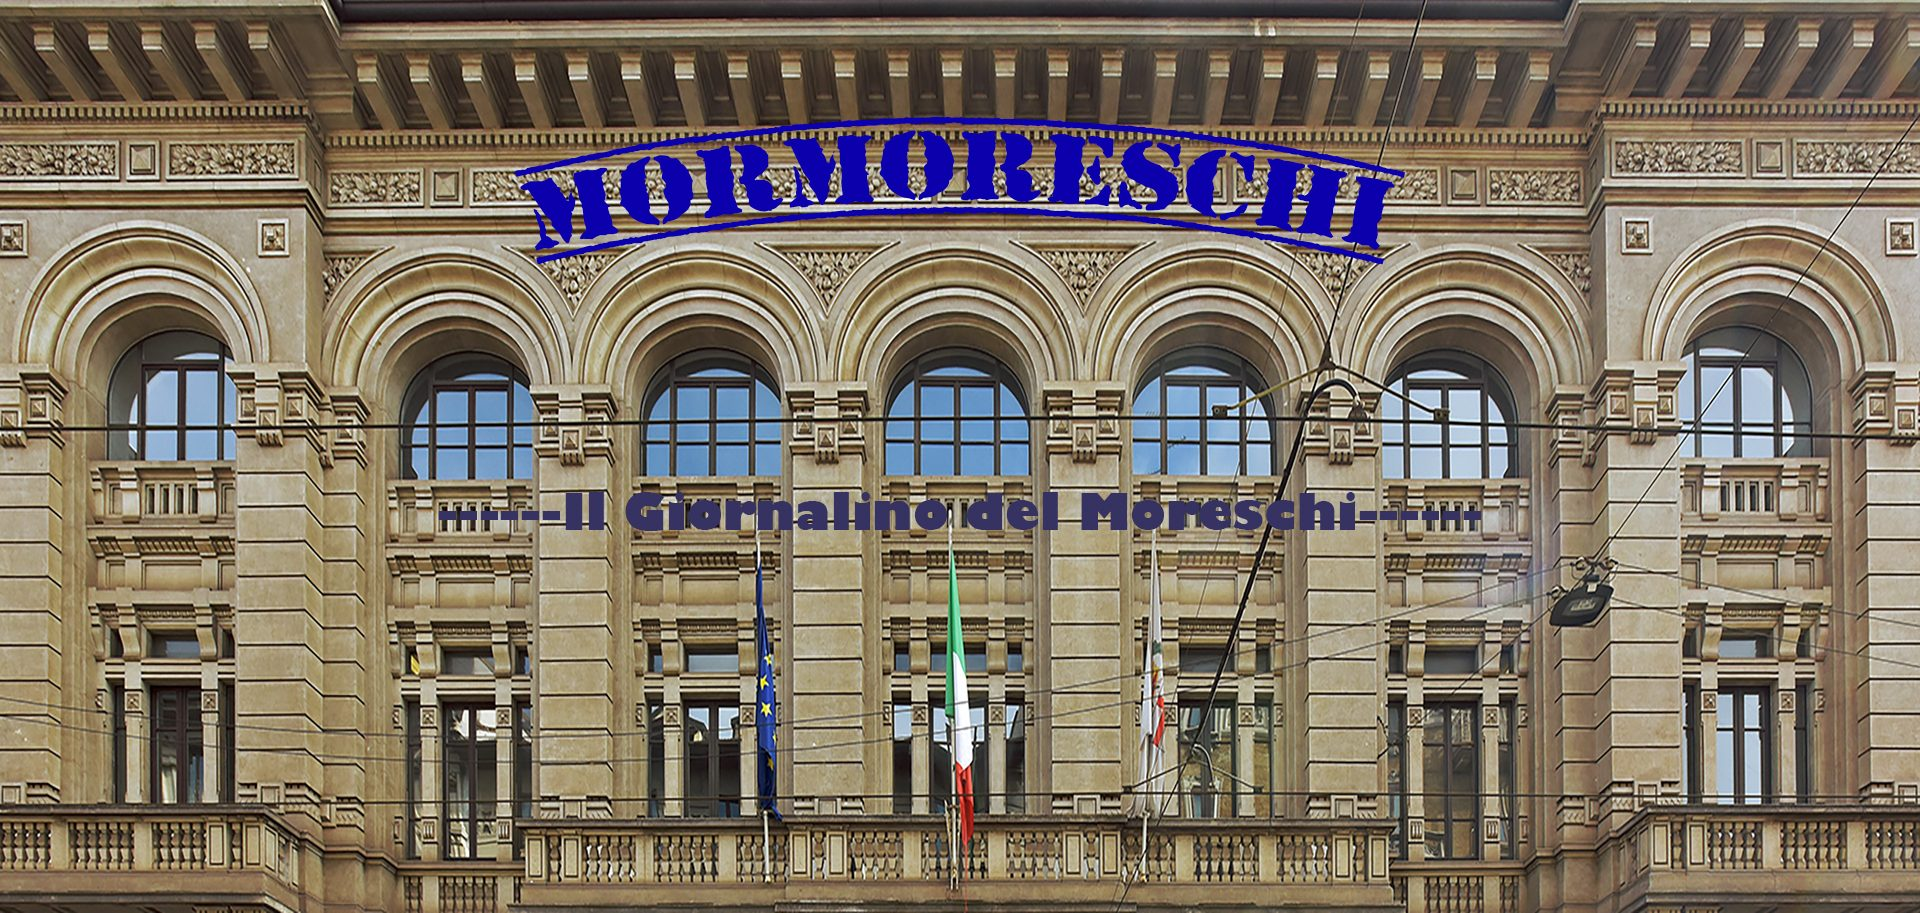 MorMoreschi